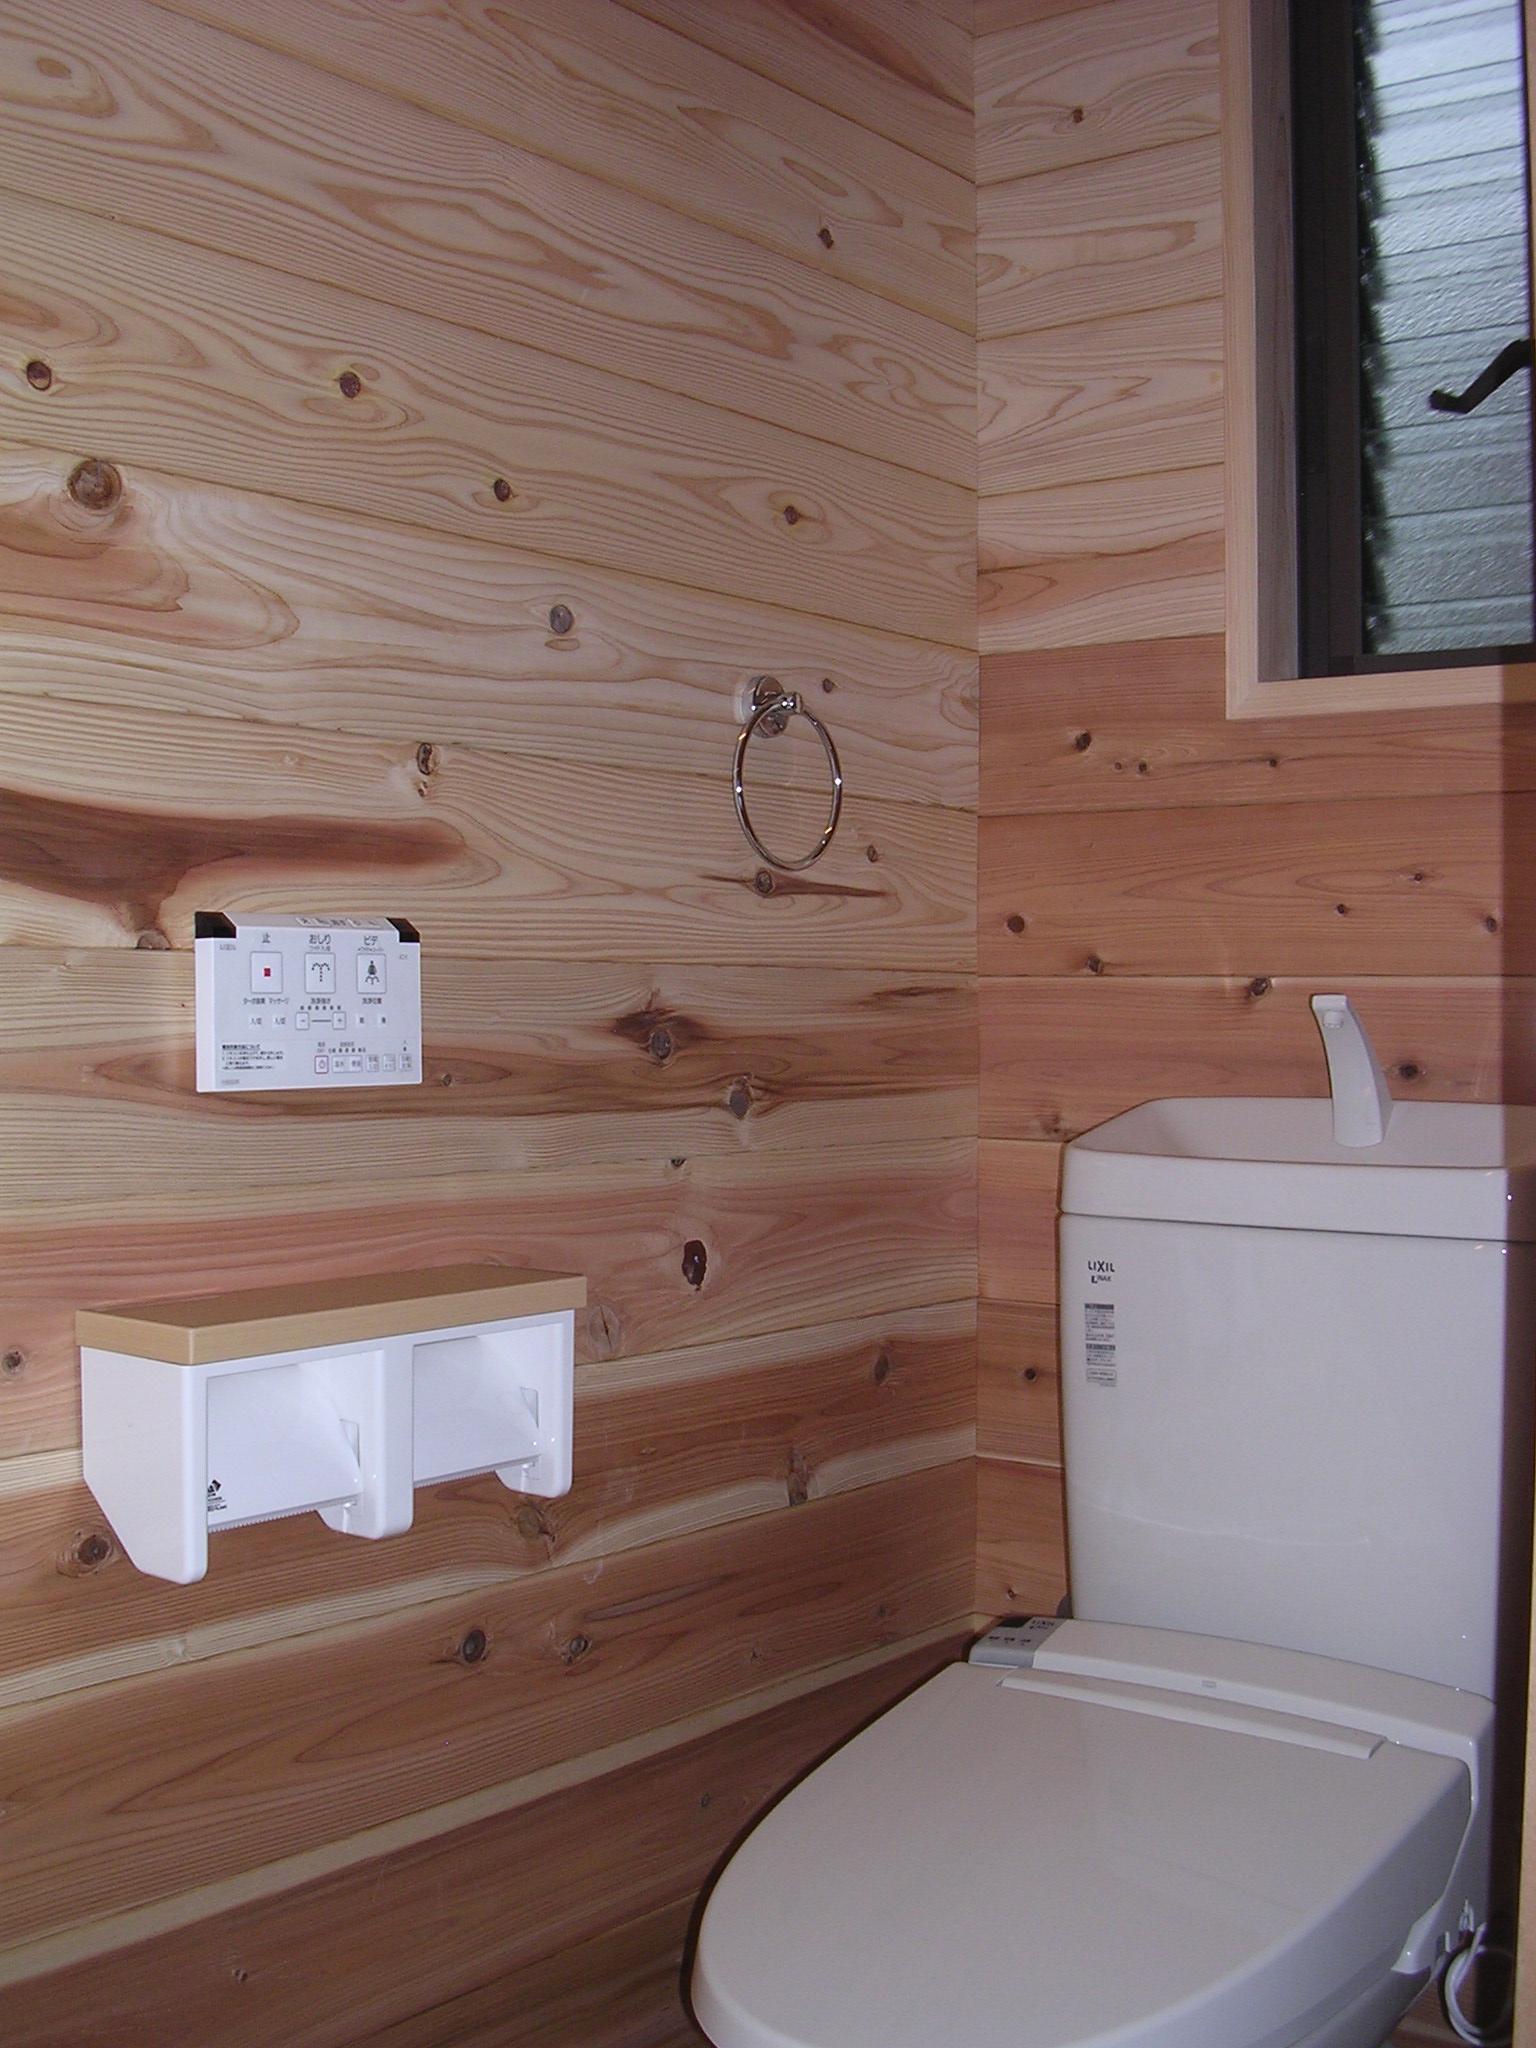 気持ちよい木の香りをふんだんに感じれるトイレにしてみました。